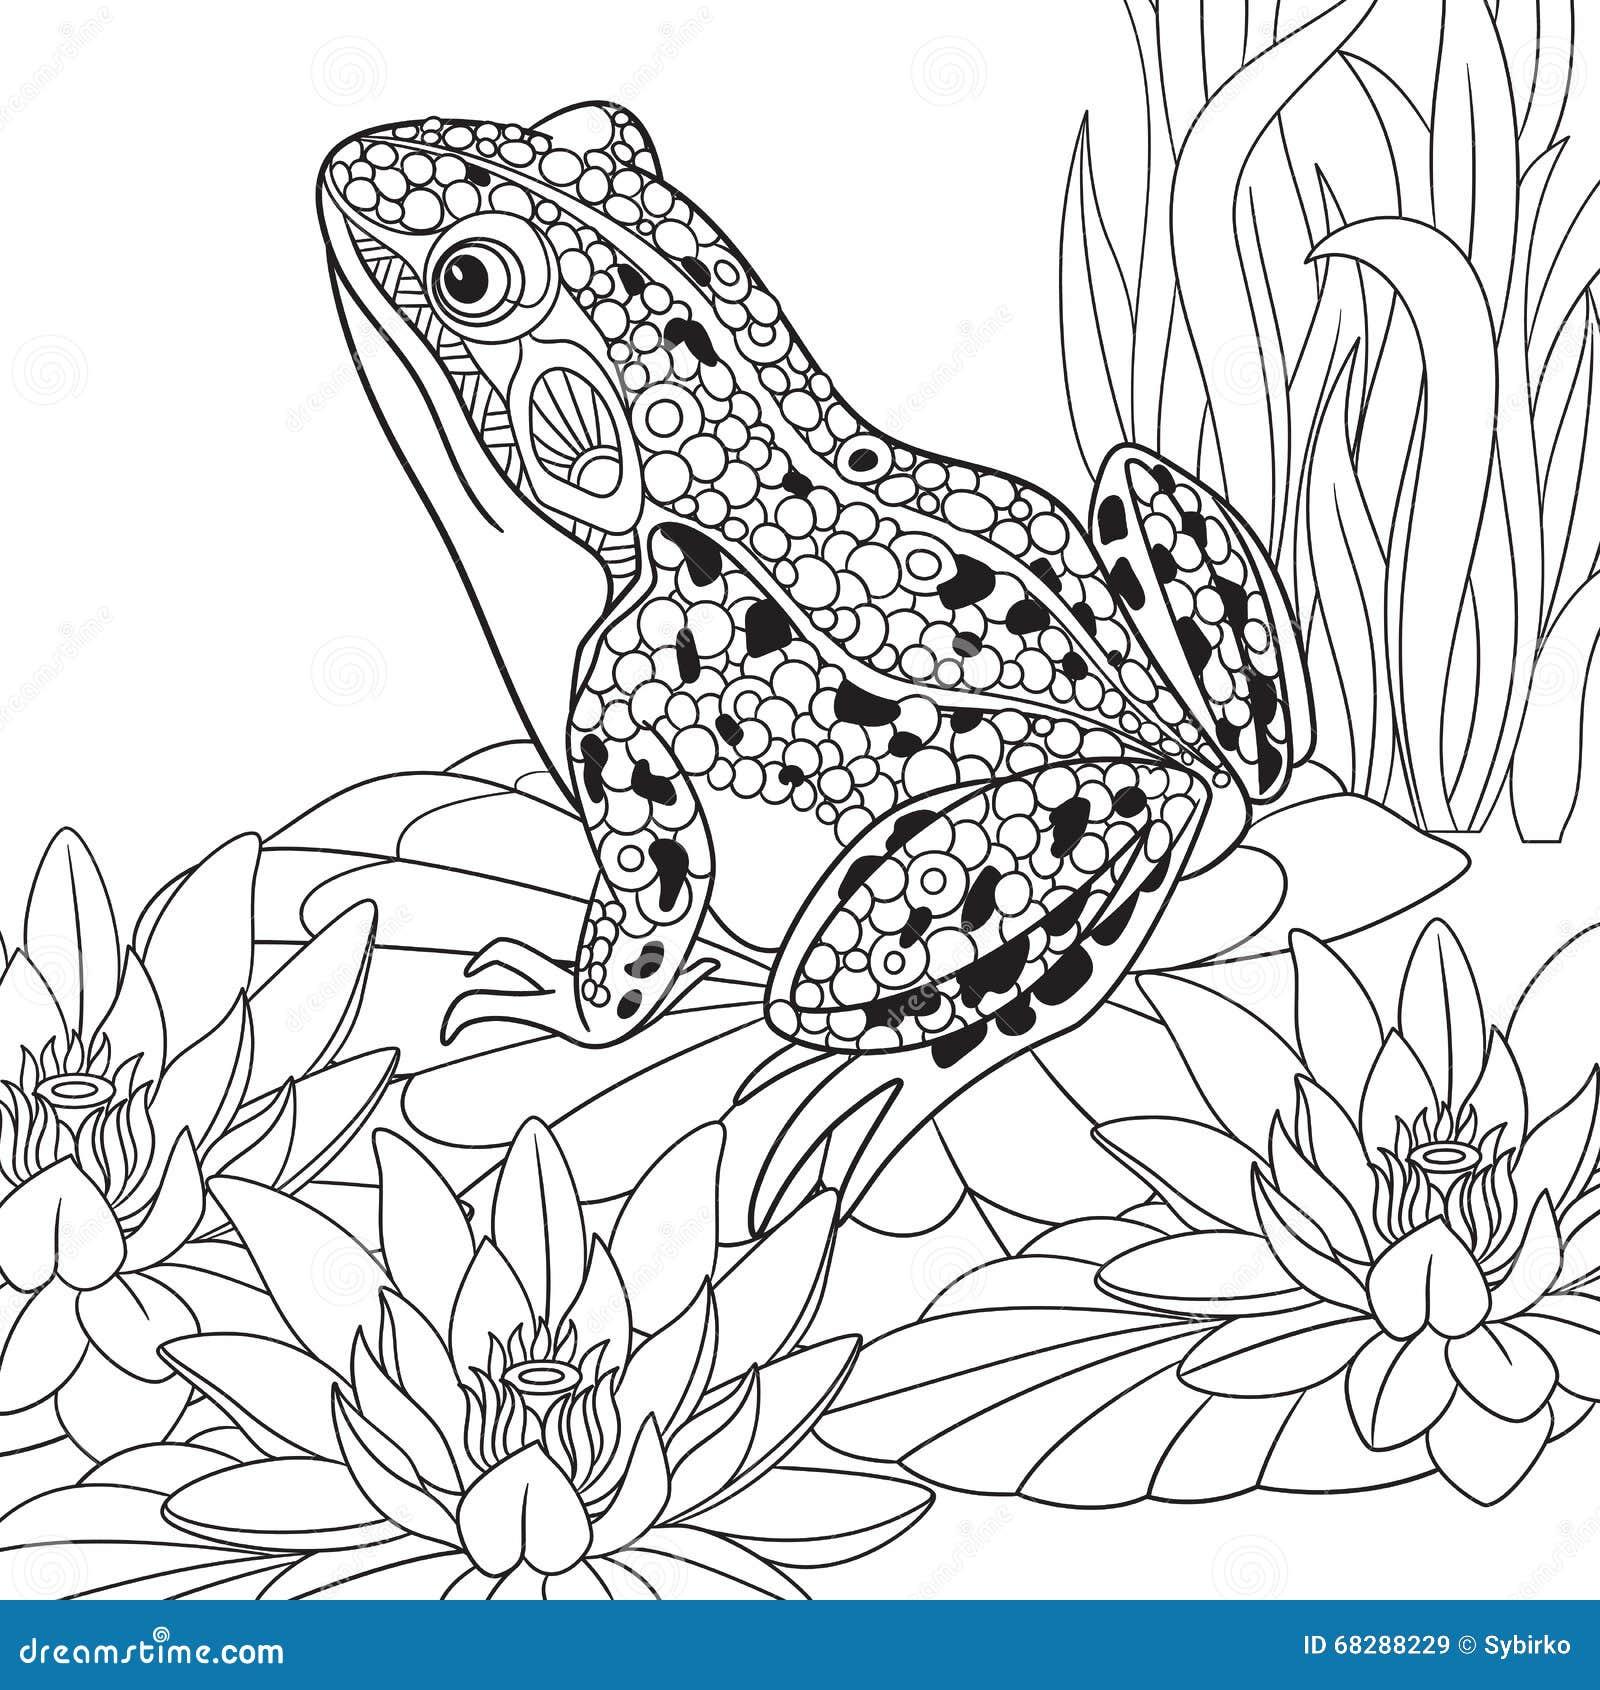 Zentangle stylized frog